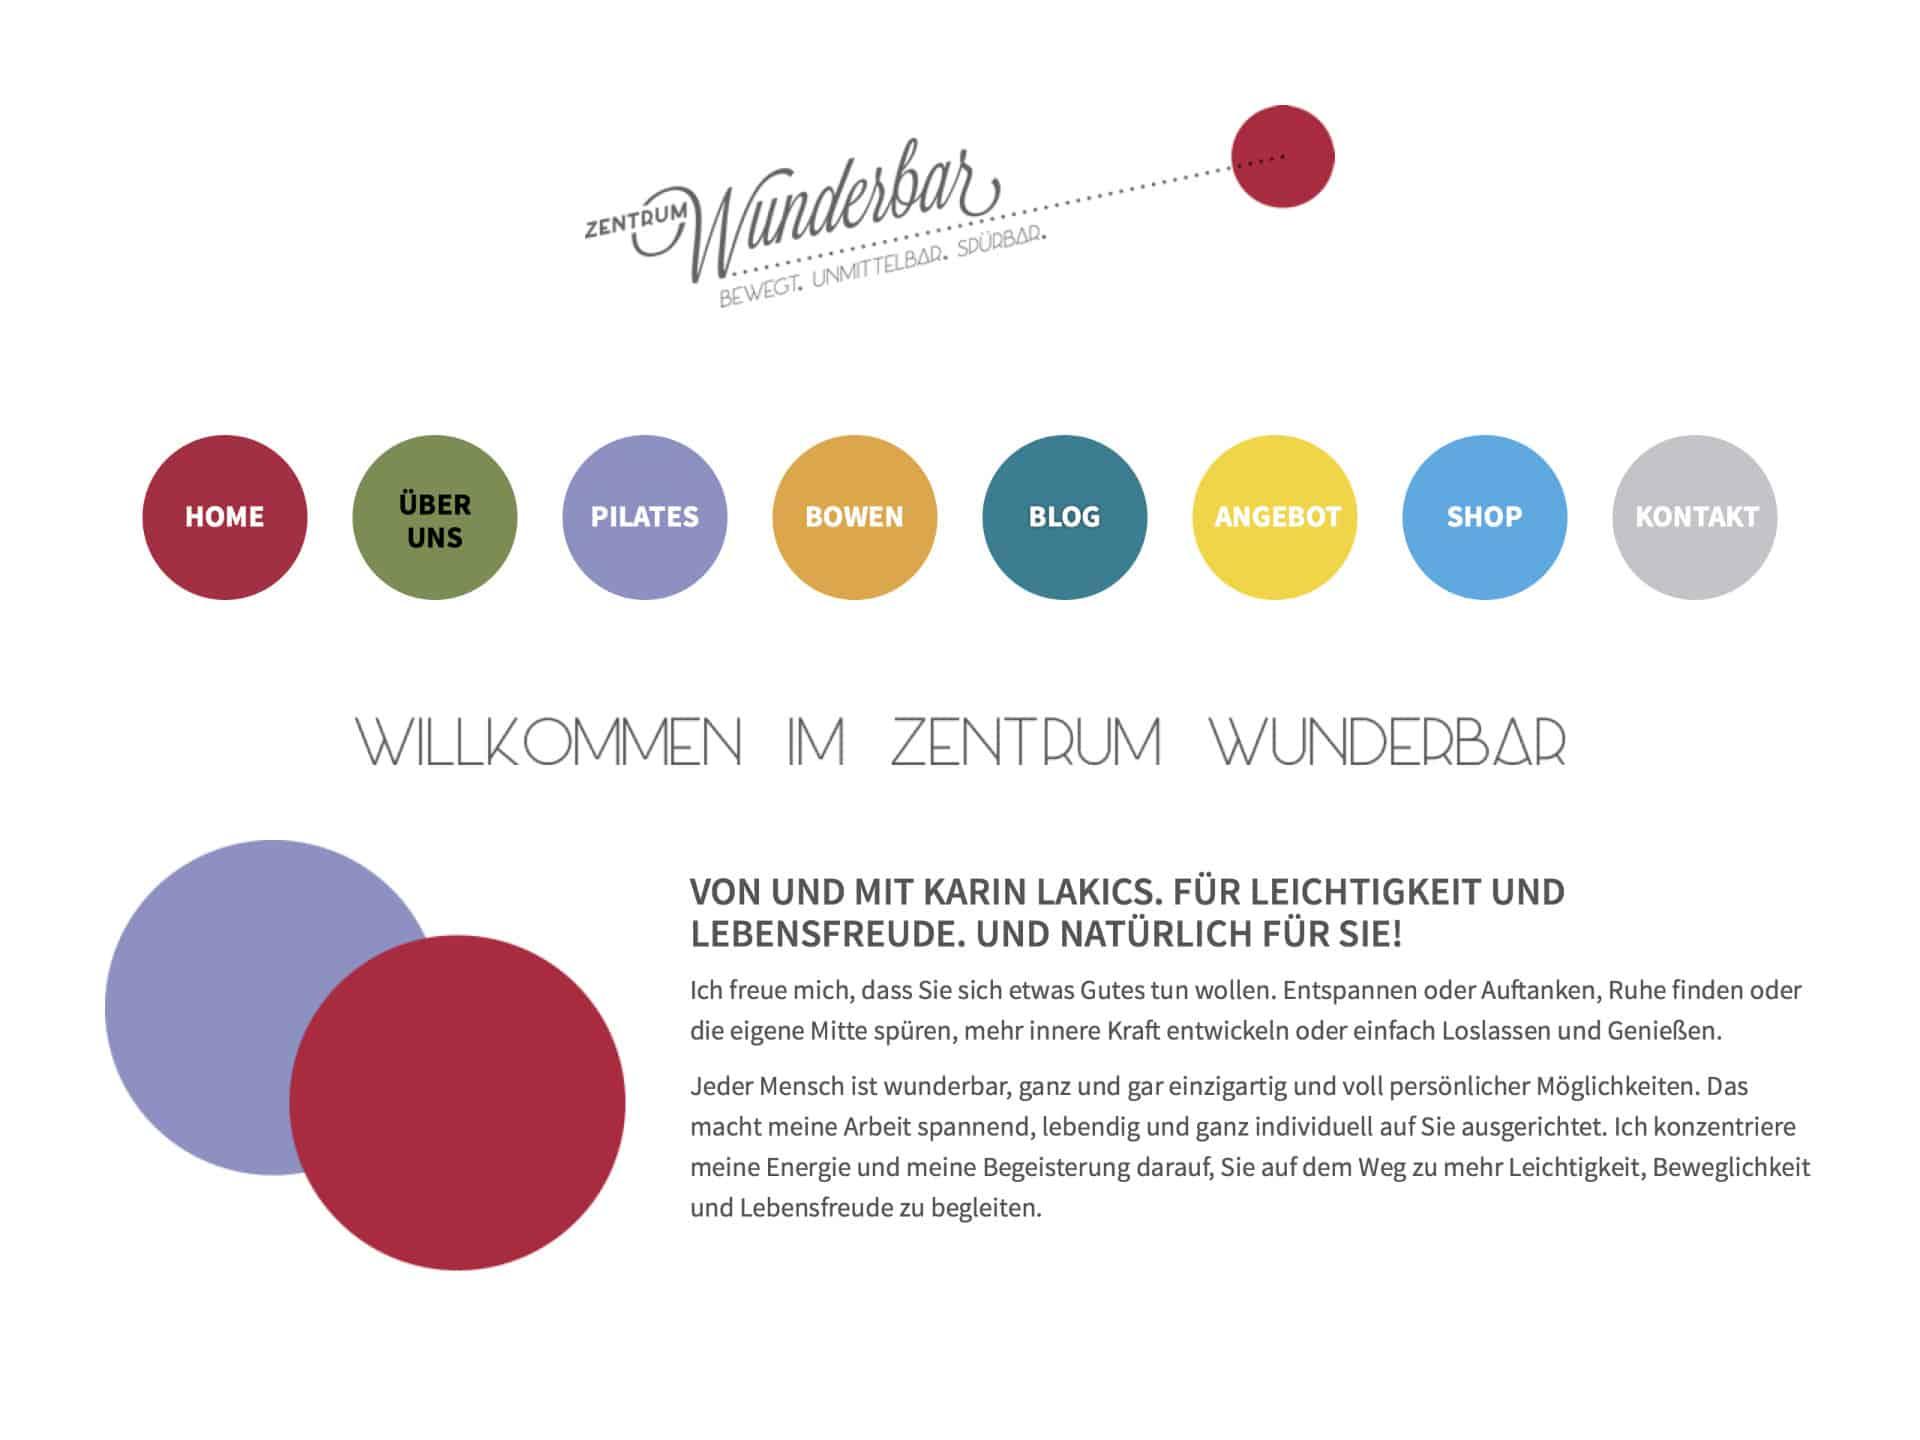 Zentrum Wunderbar Karin Lakics Website